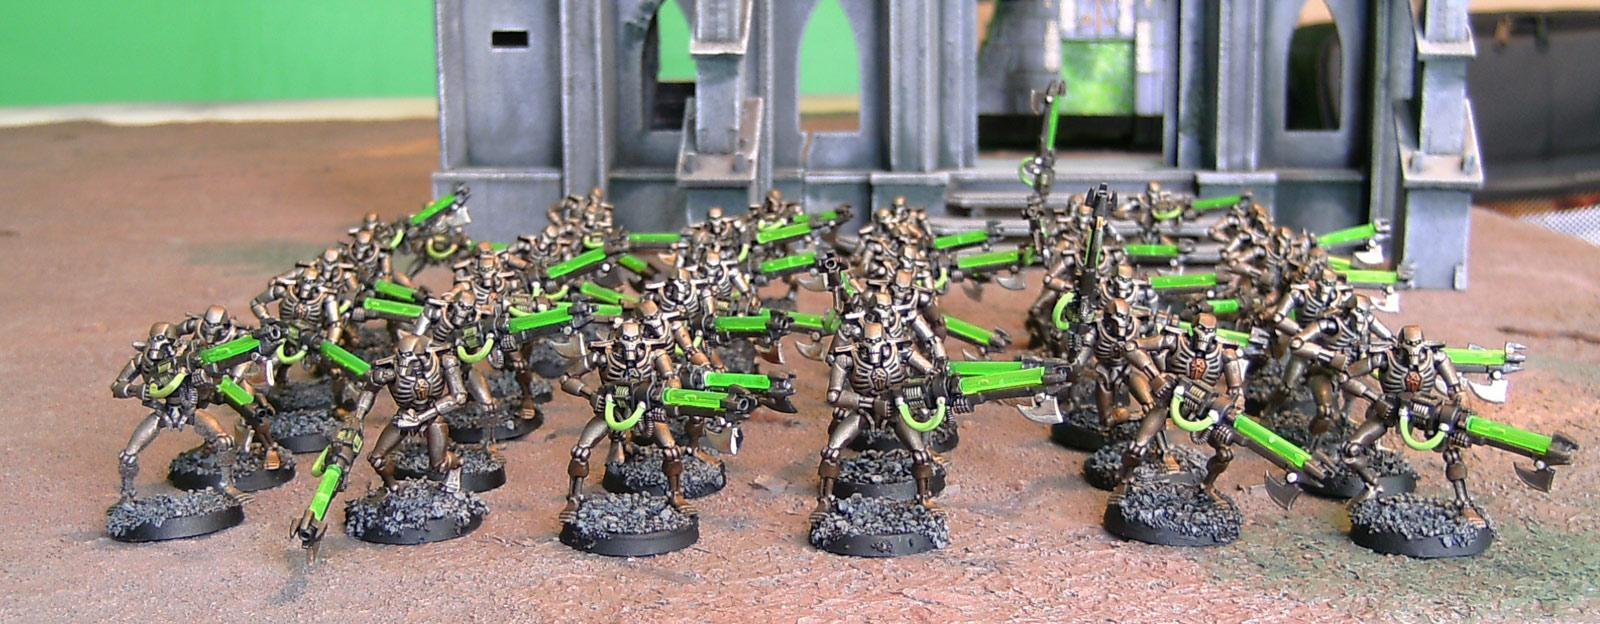 Necron Warriors, Necrons, Ouze, Warhammer 40,000